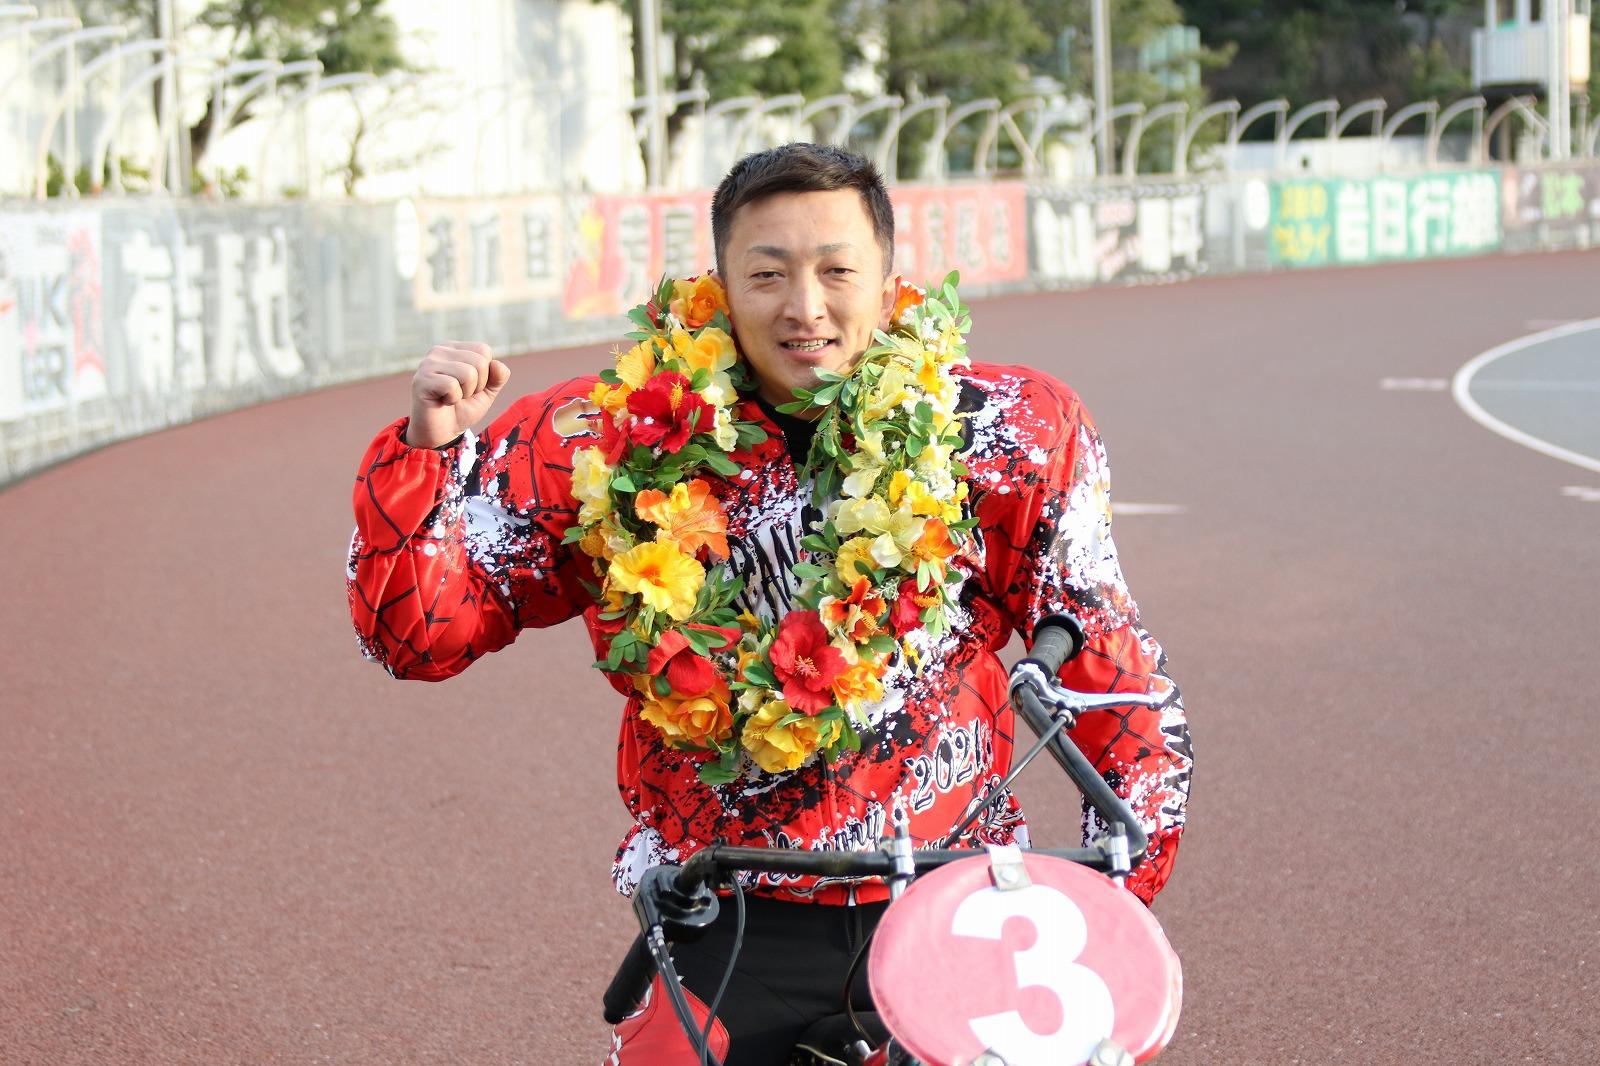 浜松オート【SG】「第34回全日本選抜オートレース」優勝荒尾聡選手